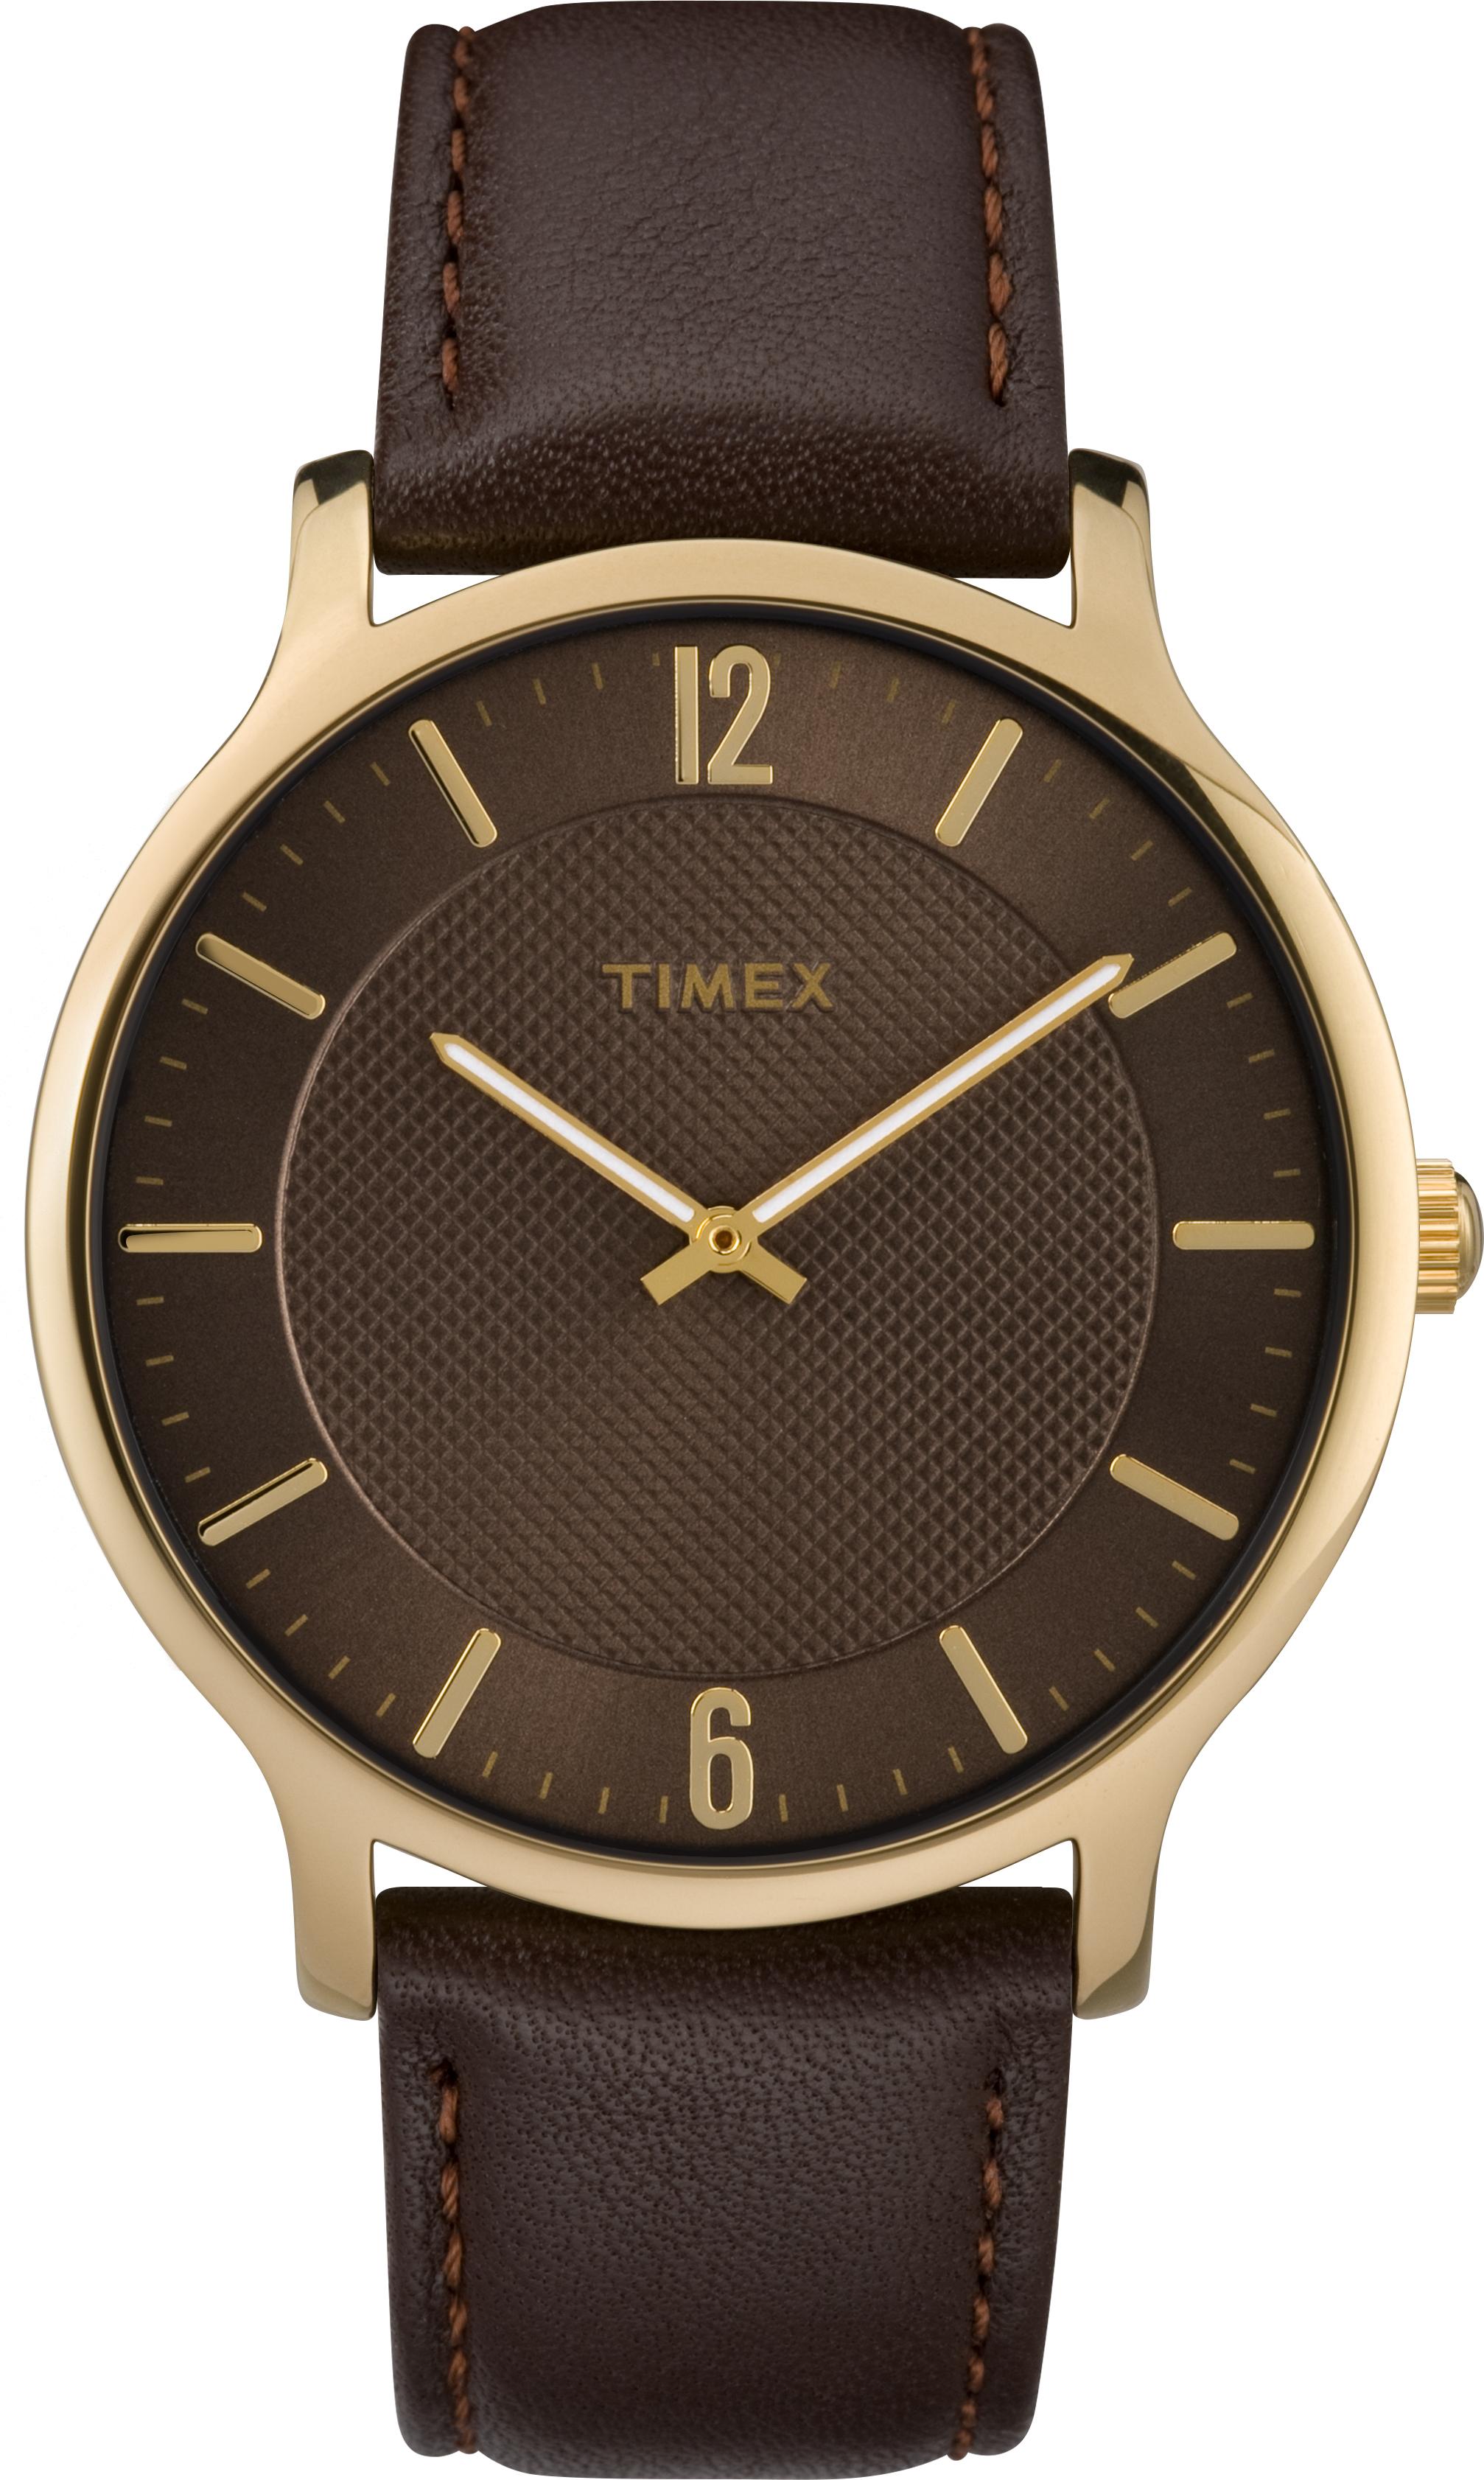 Montre Timex Metropolitan pour hommes - Cadran brun & Bracelet en cuir brun